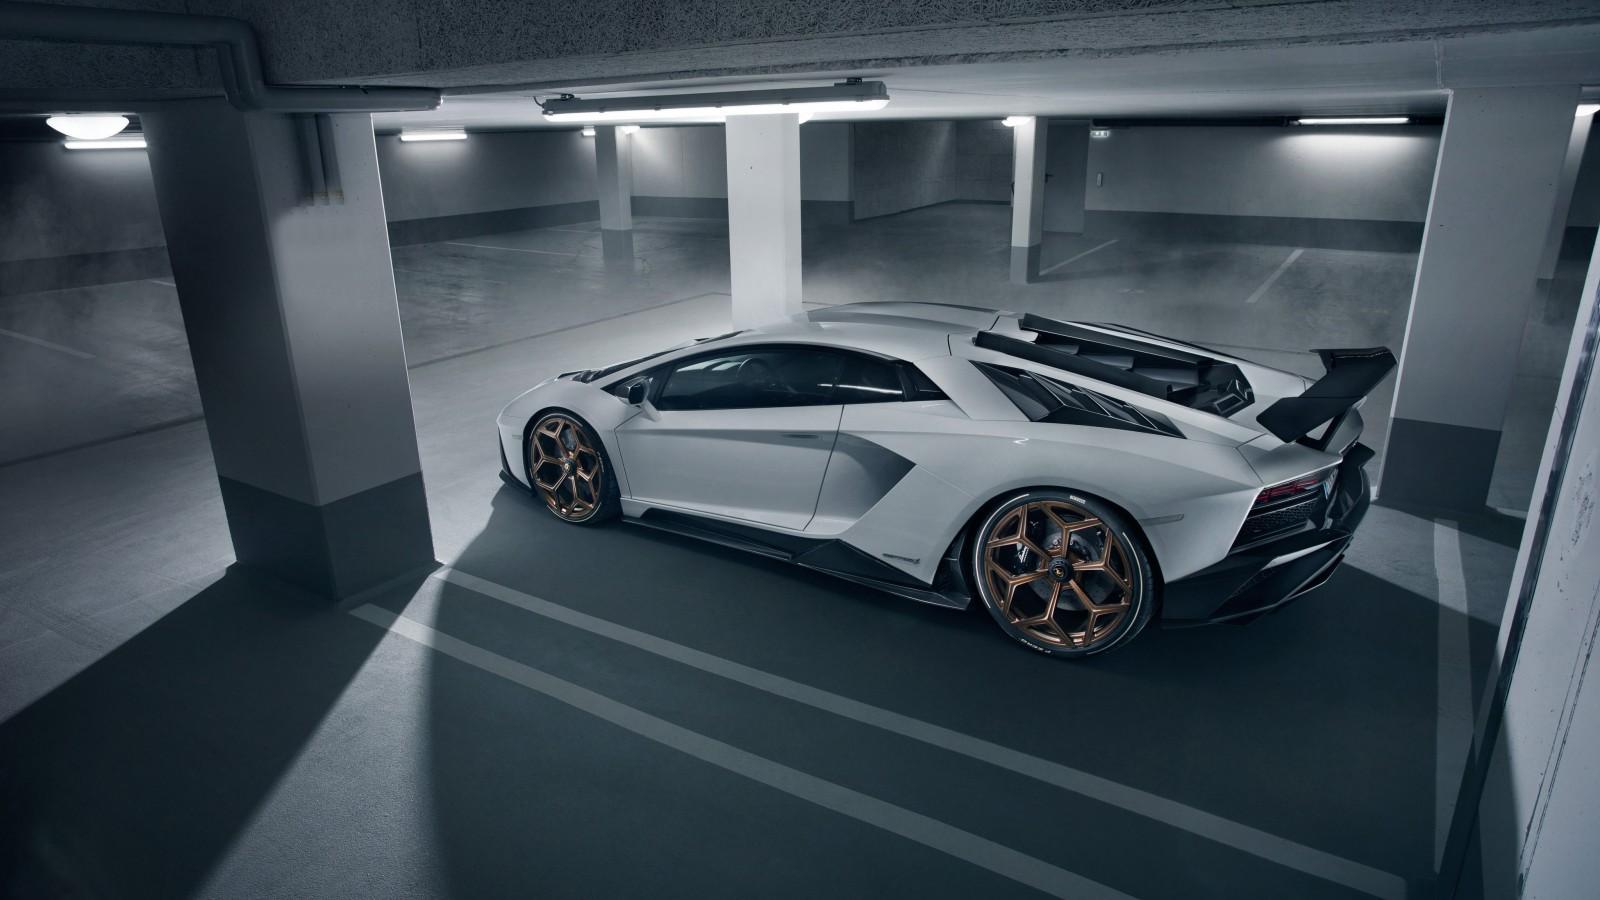 2018 Novitec Torado Lamborghini Aventador S 4K 6 Wallpaper ...